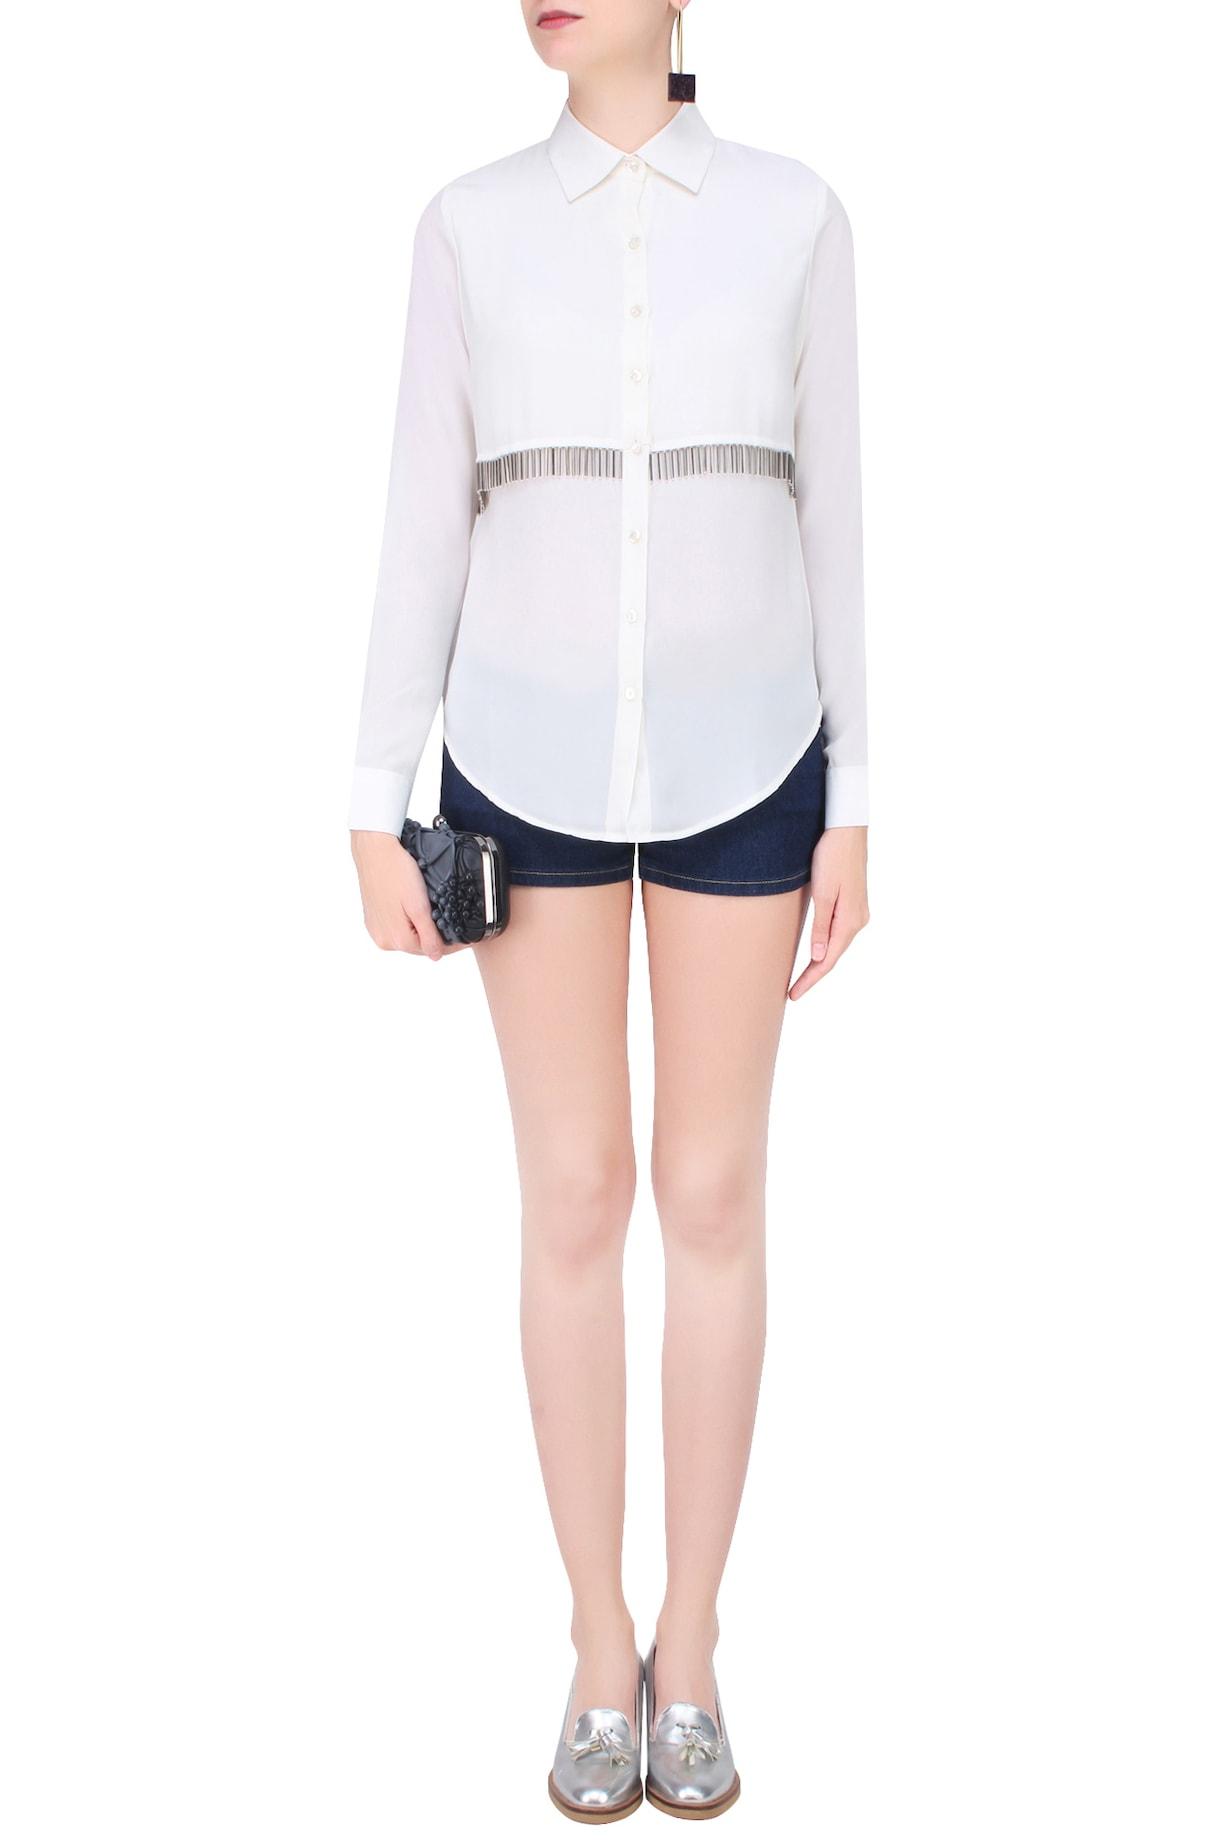 431-88 By Shweta Kapur Shirts